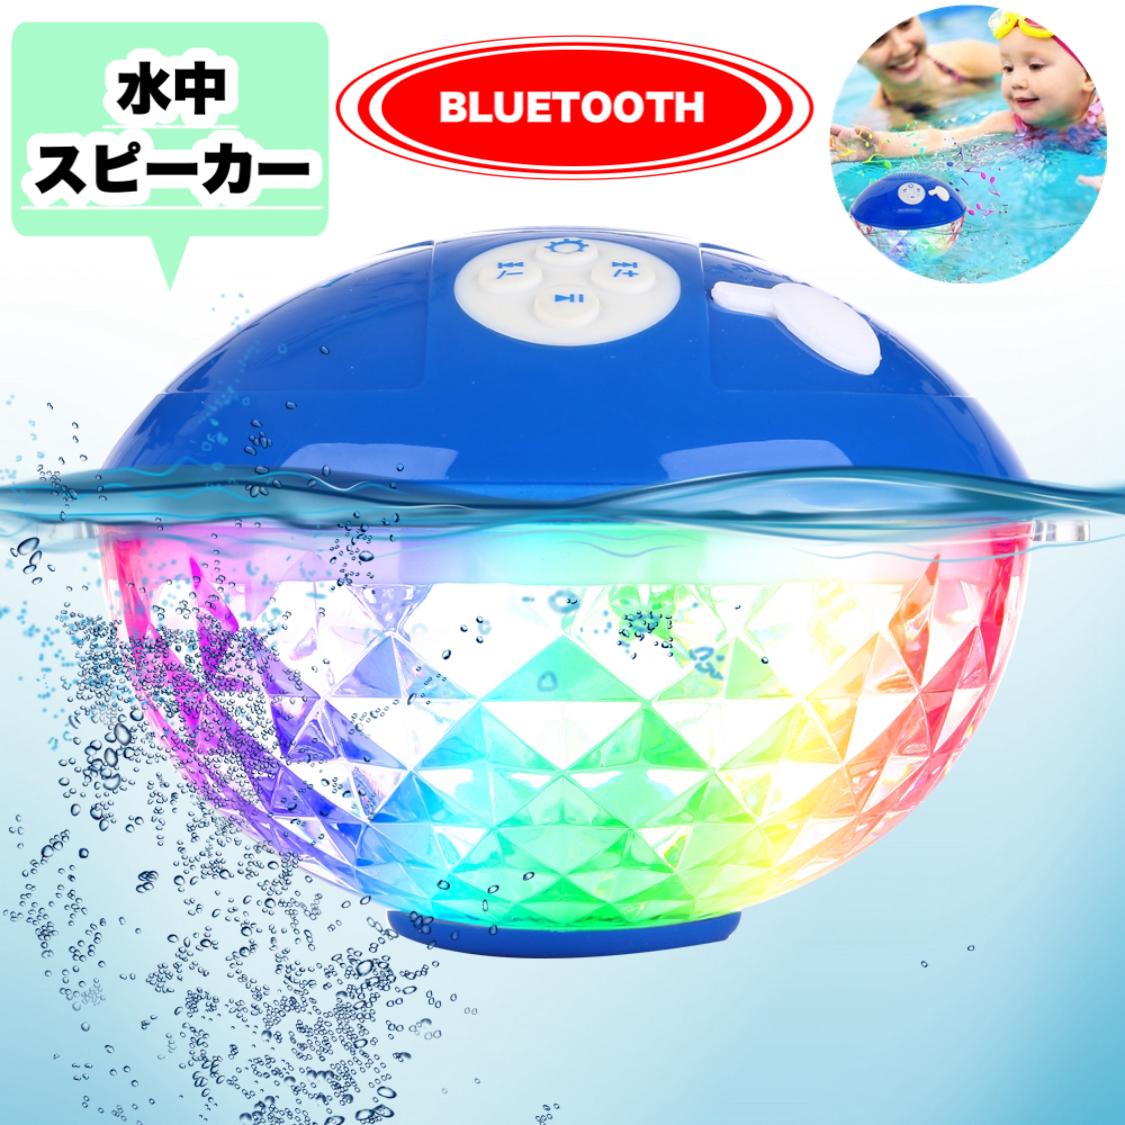 IPX7防水  BLUETOOTH バスライト 防水フローティング BLUETOOTHスピーカー  ワイヤレス バスライトプールライト防水浴槽ライト LED子供用おもちゃ池スイミングプールバスルーム子供用スパスパ浴槽水中ライト IPX7防水 バスライト